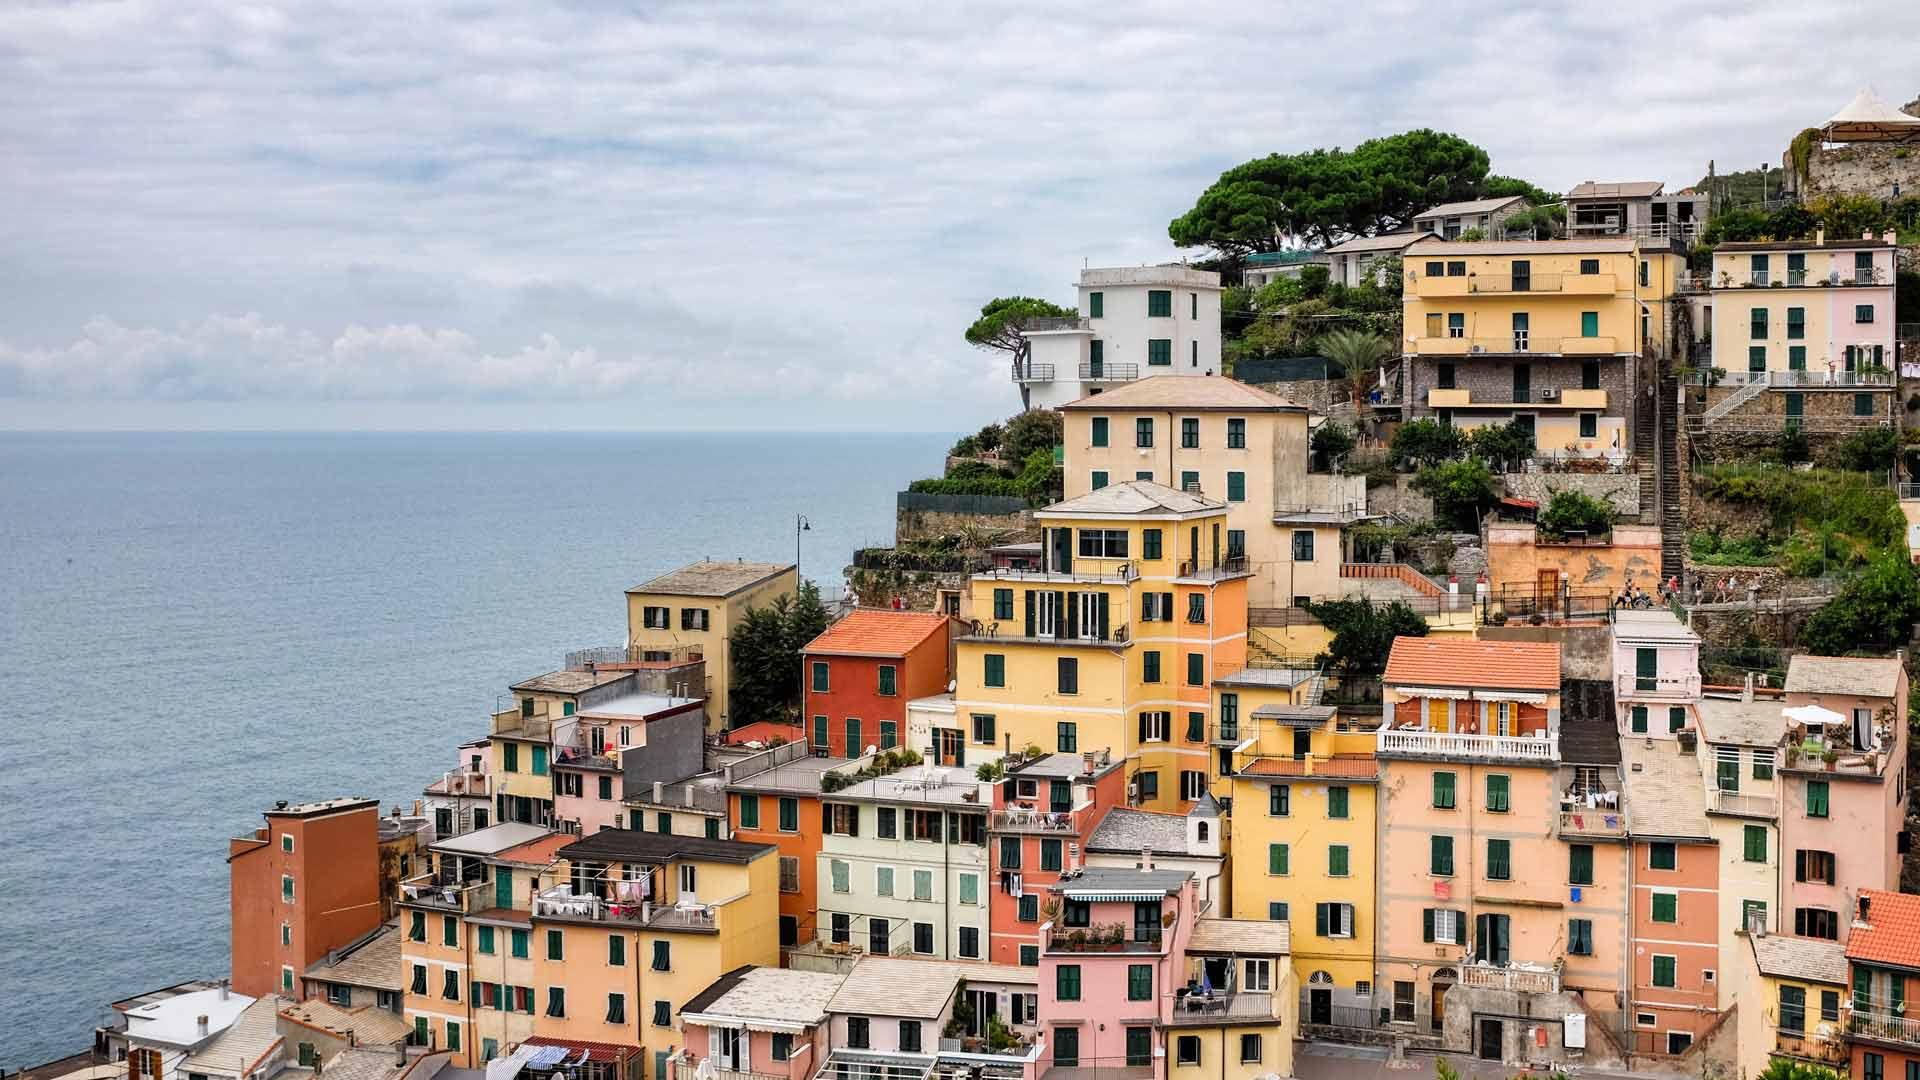 Riomaggiore hillside houses Cinque Terre Italy